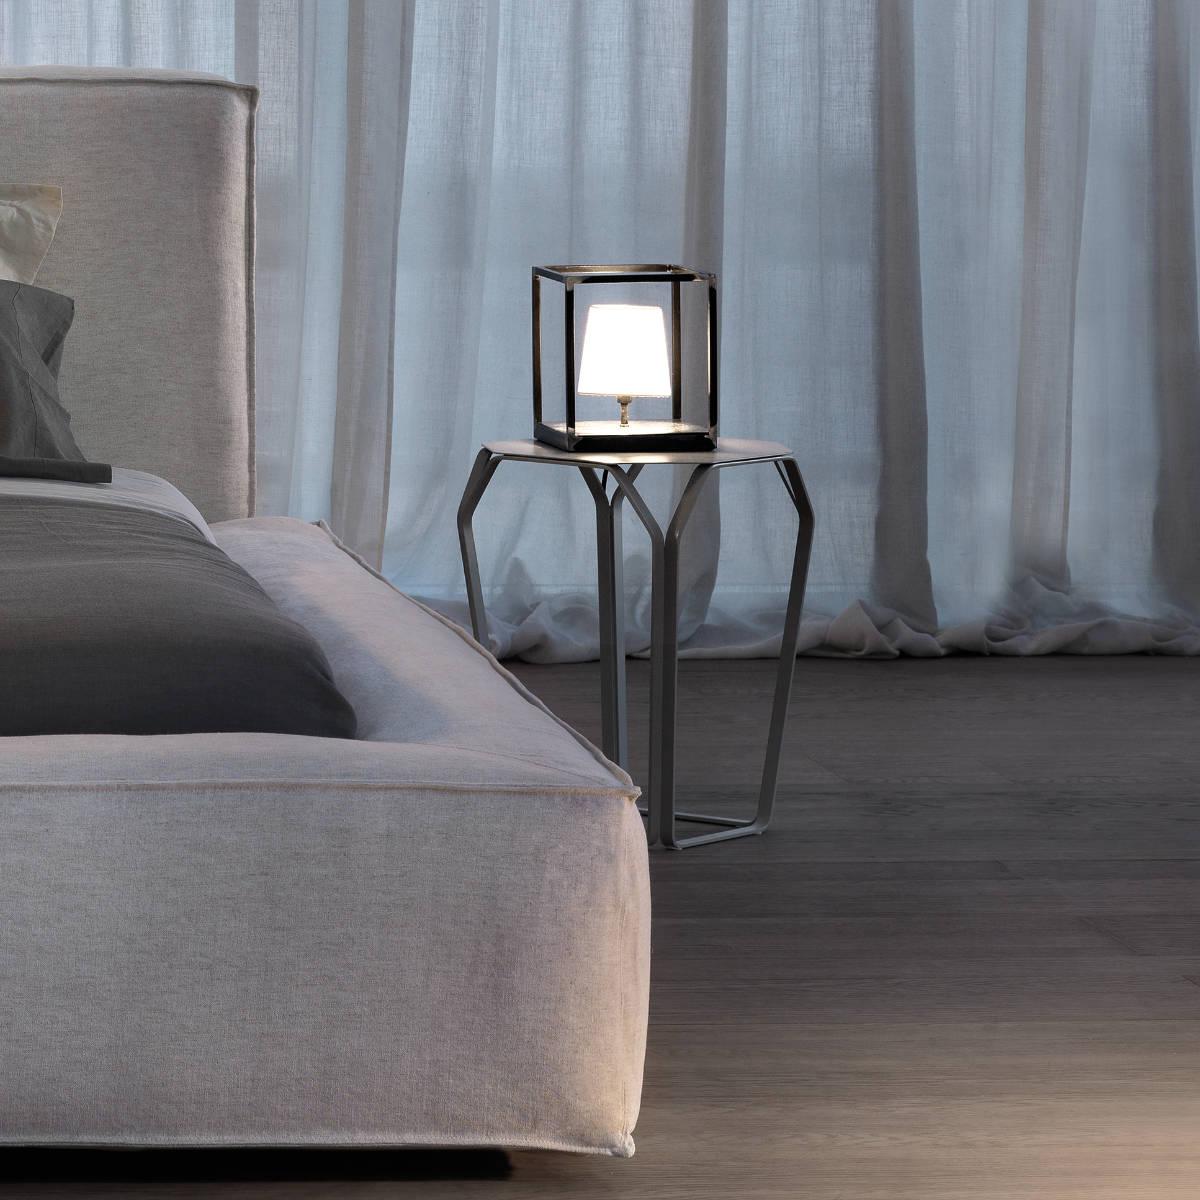 beistelltisch aus metall von meme design. Black Bedroom Furniture Sets. Home Design Ideas